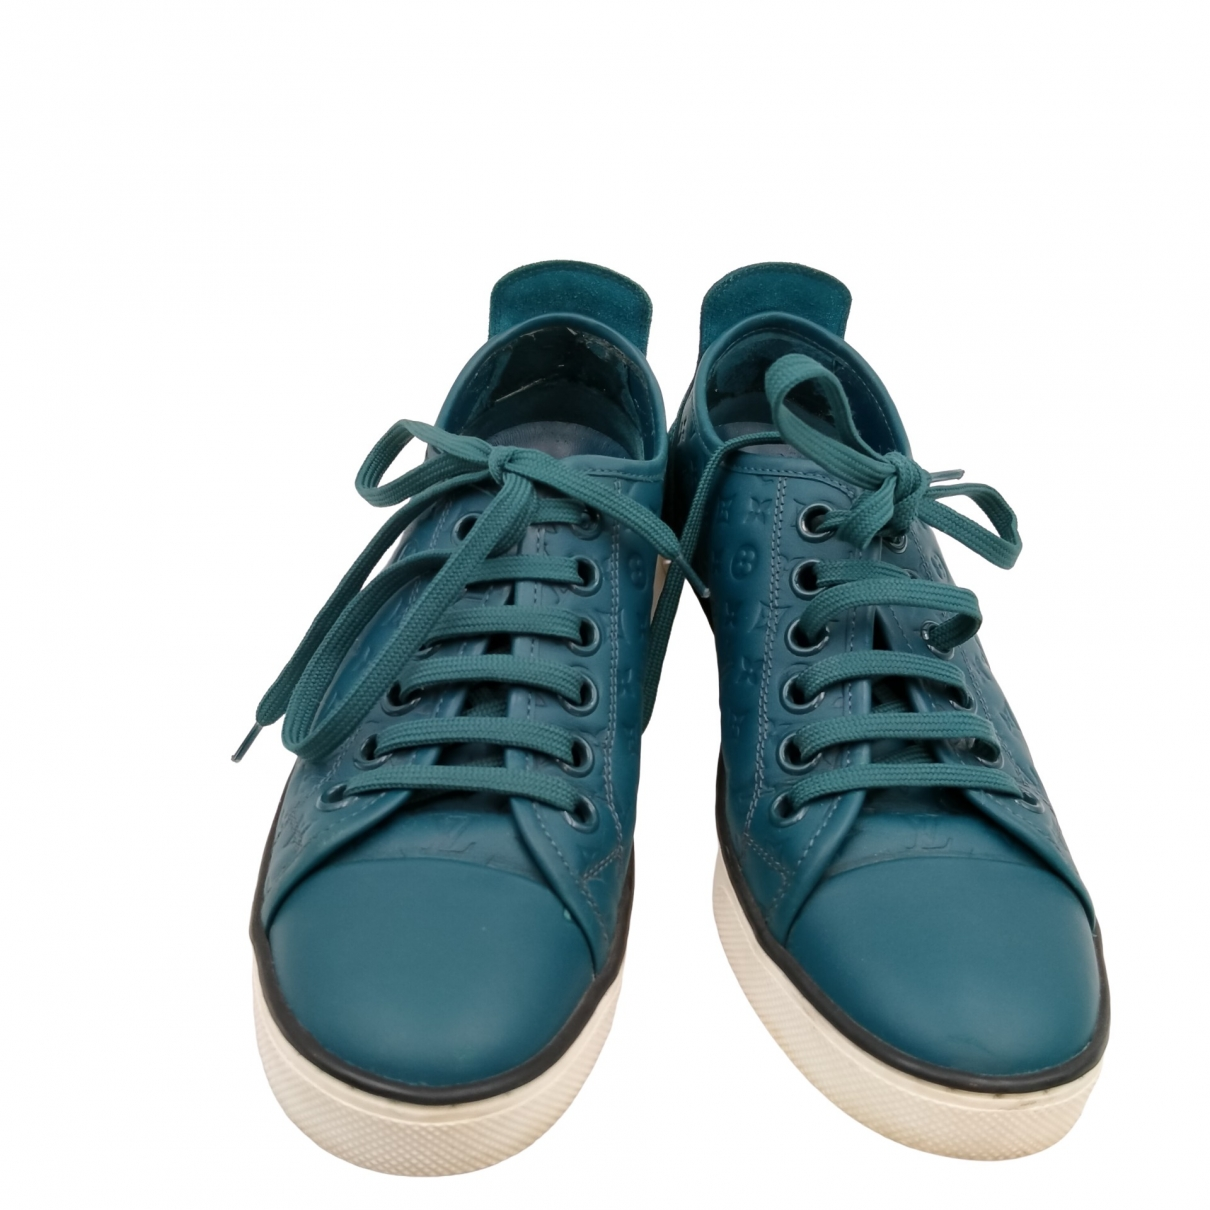 Louis Vuitton - Baskets FrontRow pour femme en cuir - turquoise